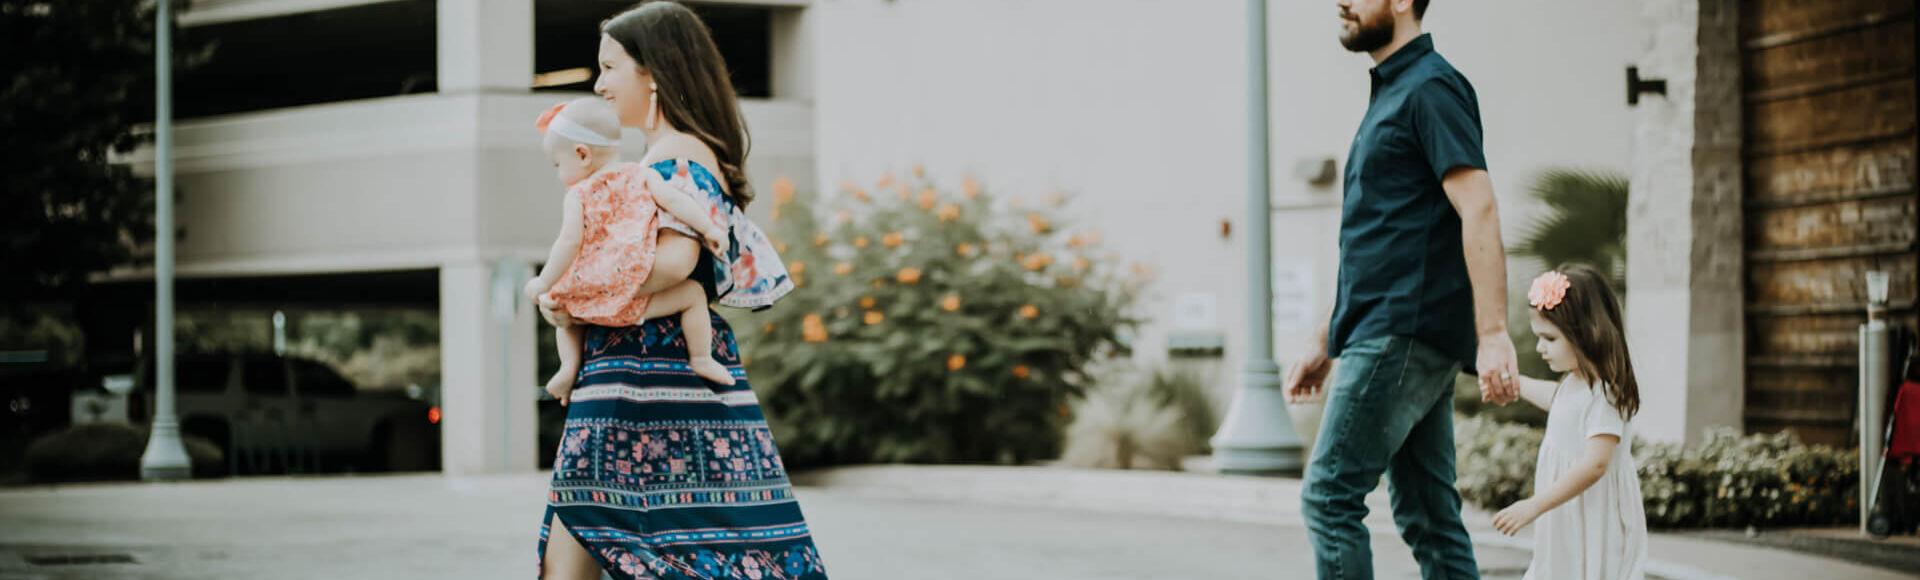 Saliendo de casa con tu bebé